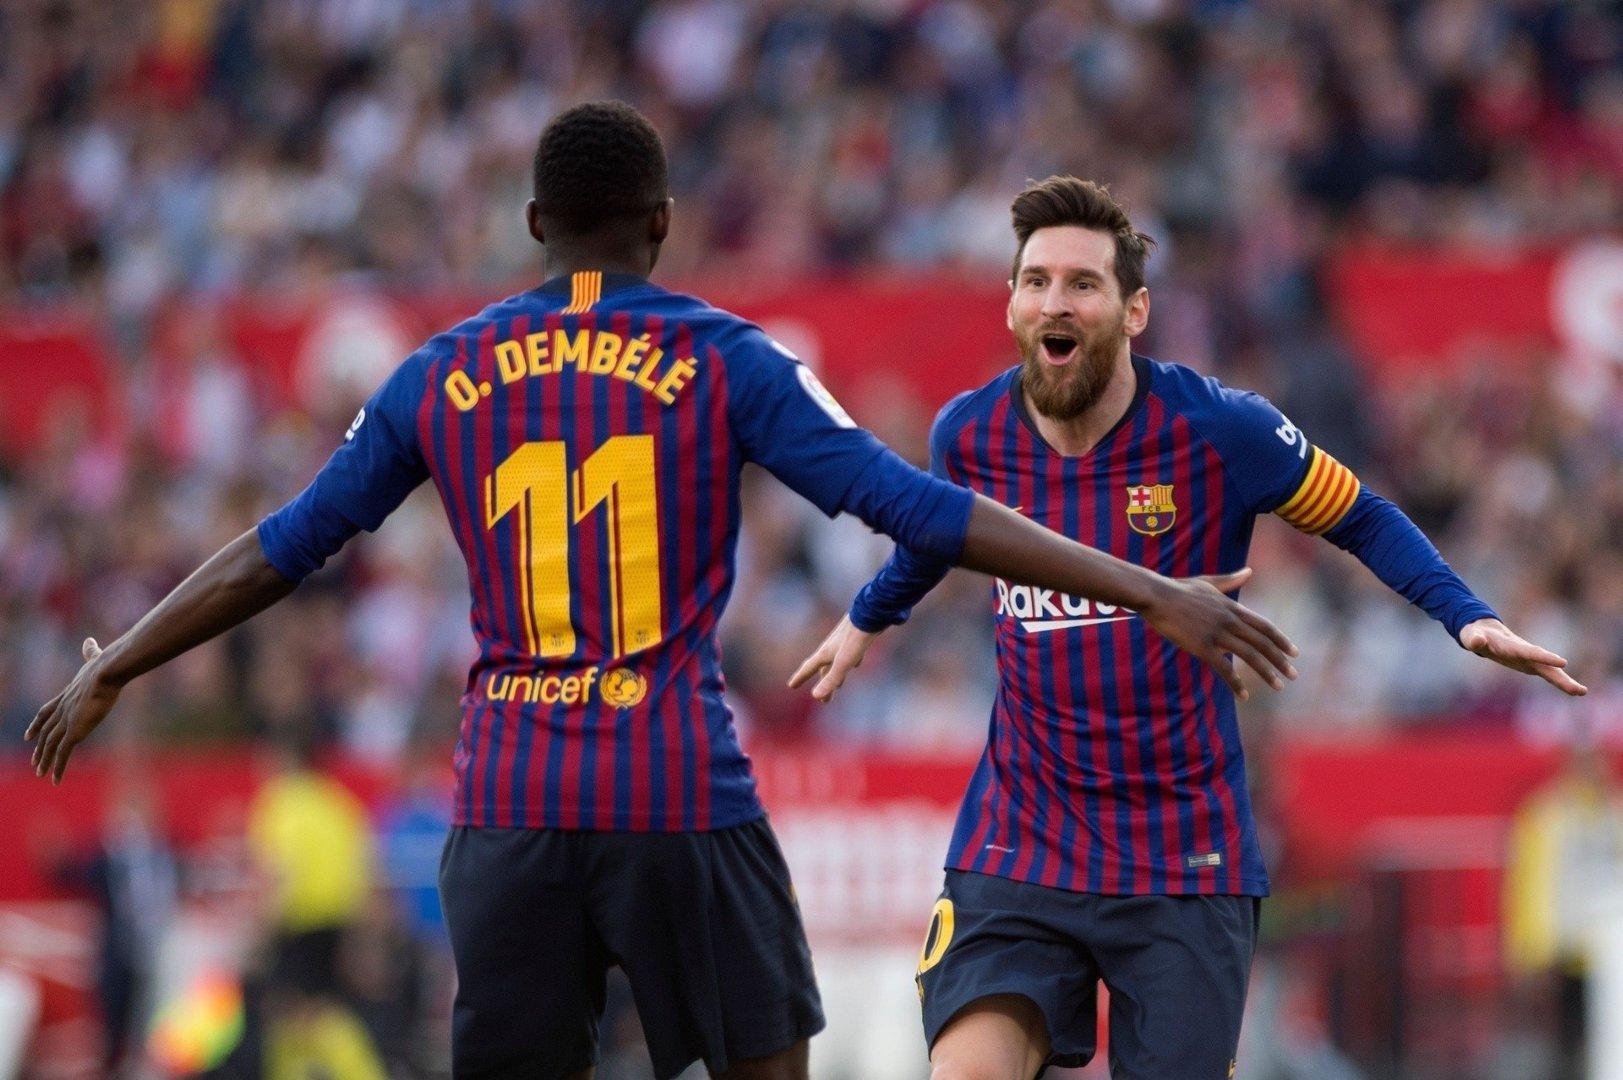 b61946192 Mecz FC Barcelona - Liverpool. Spotkanie odbędzie się 1 maja 2019 na Camp  Nou.